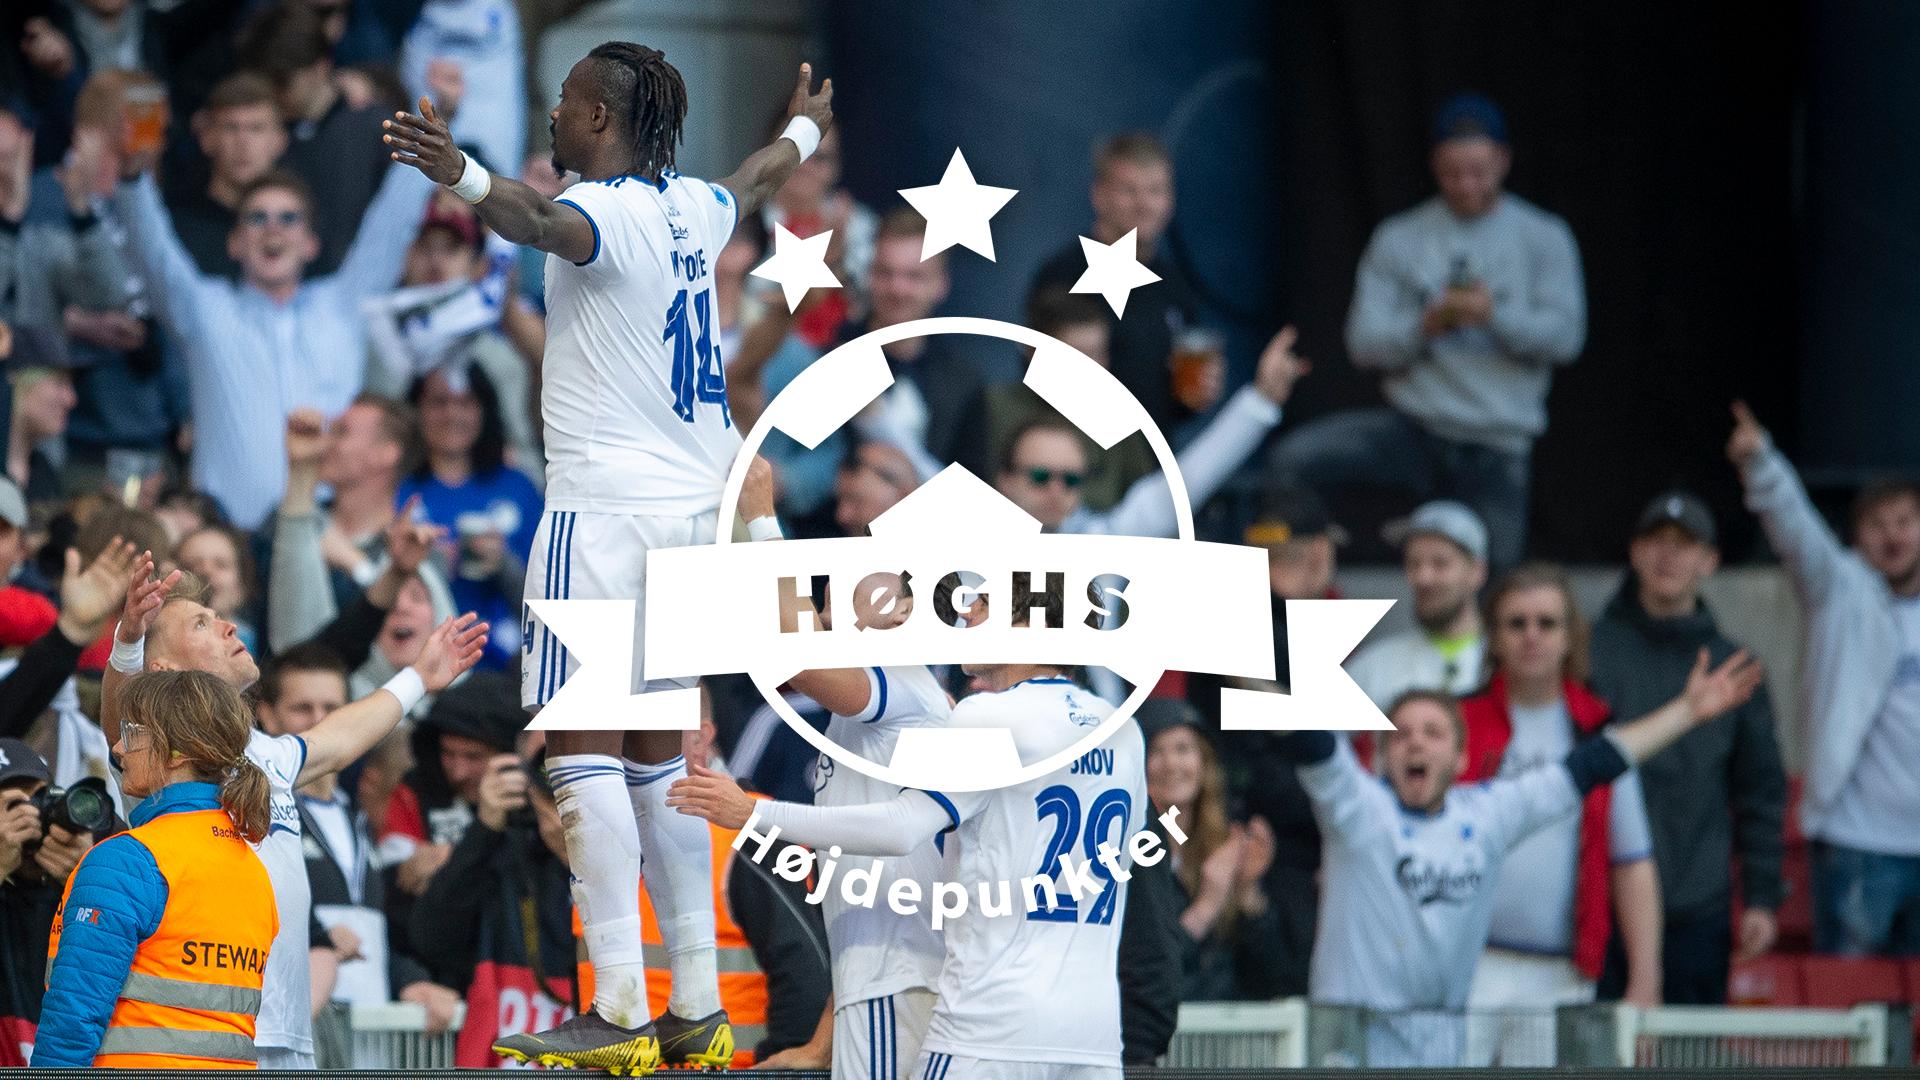 hoeghs_hoejdepunkter.png